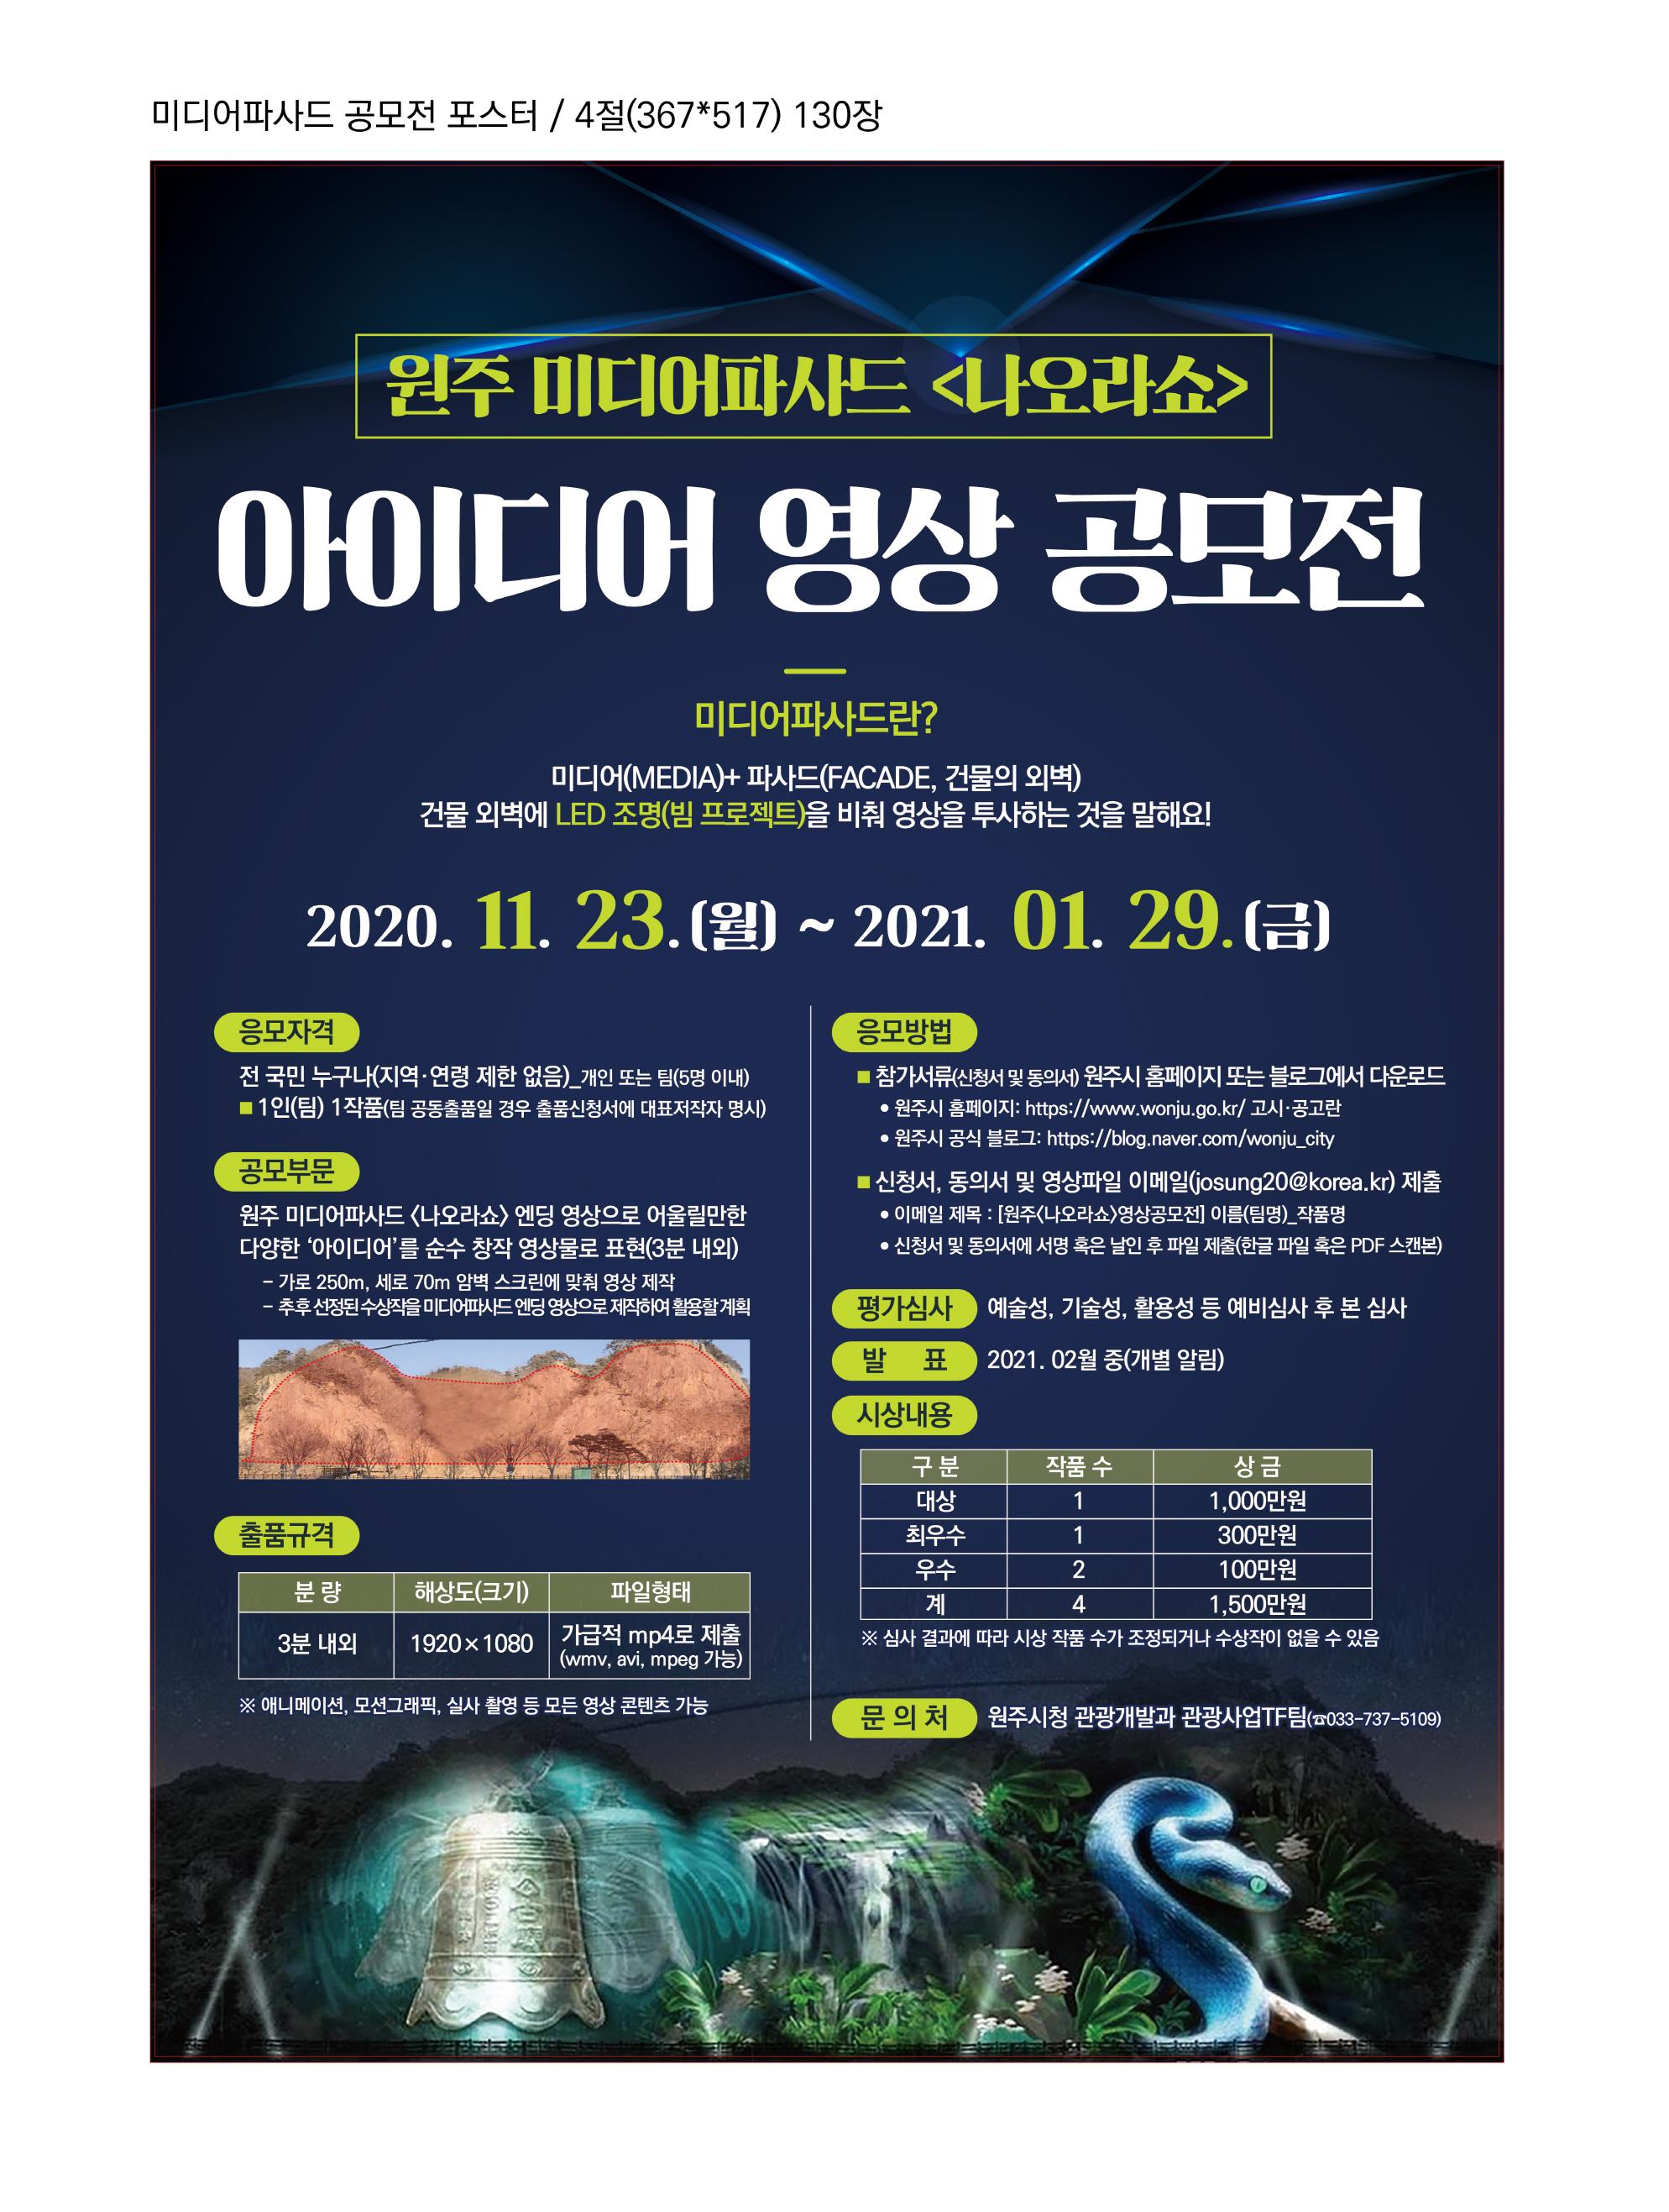 원주 미디어파사드 공모전 포스터(수정)